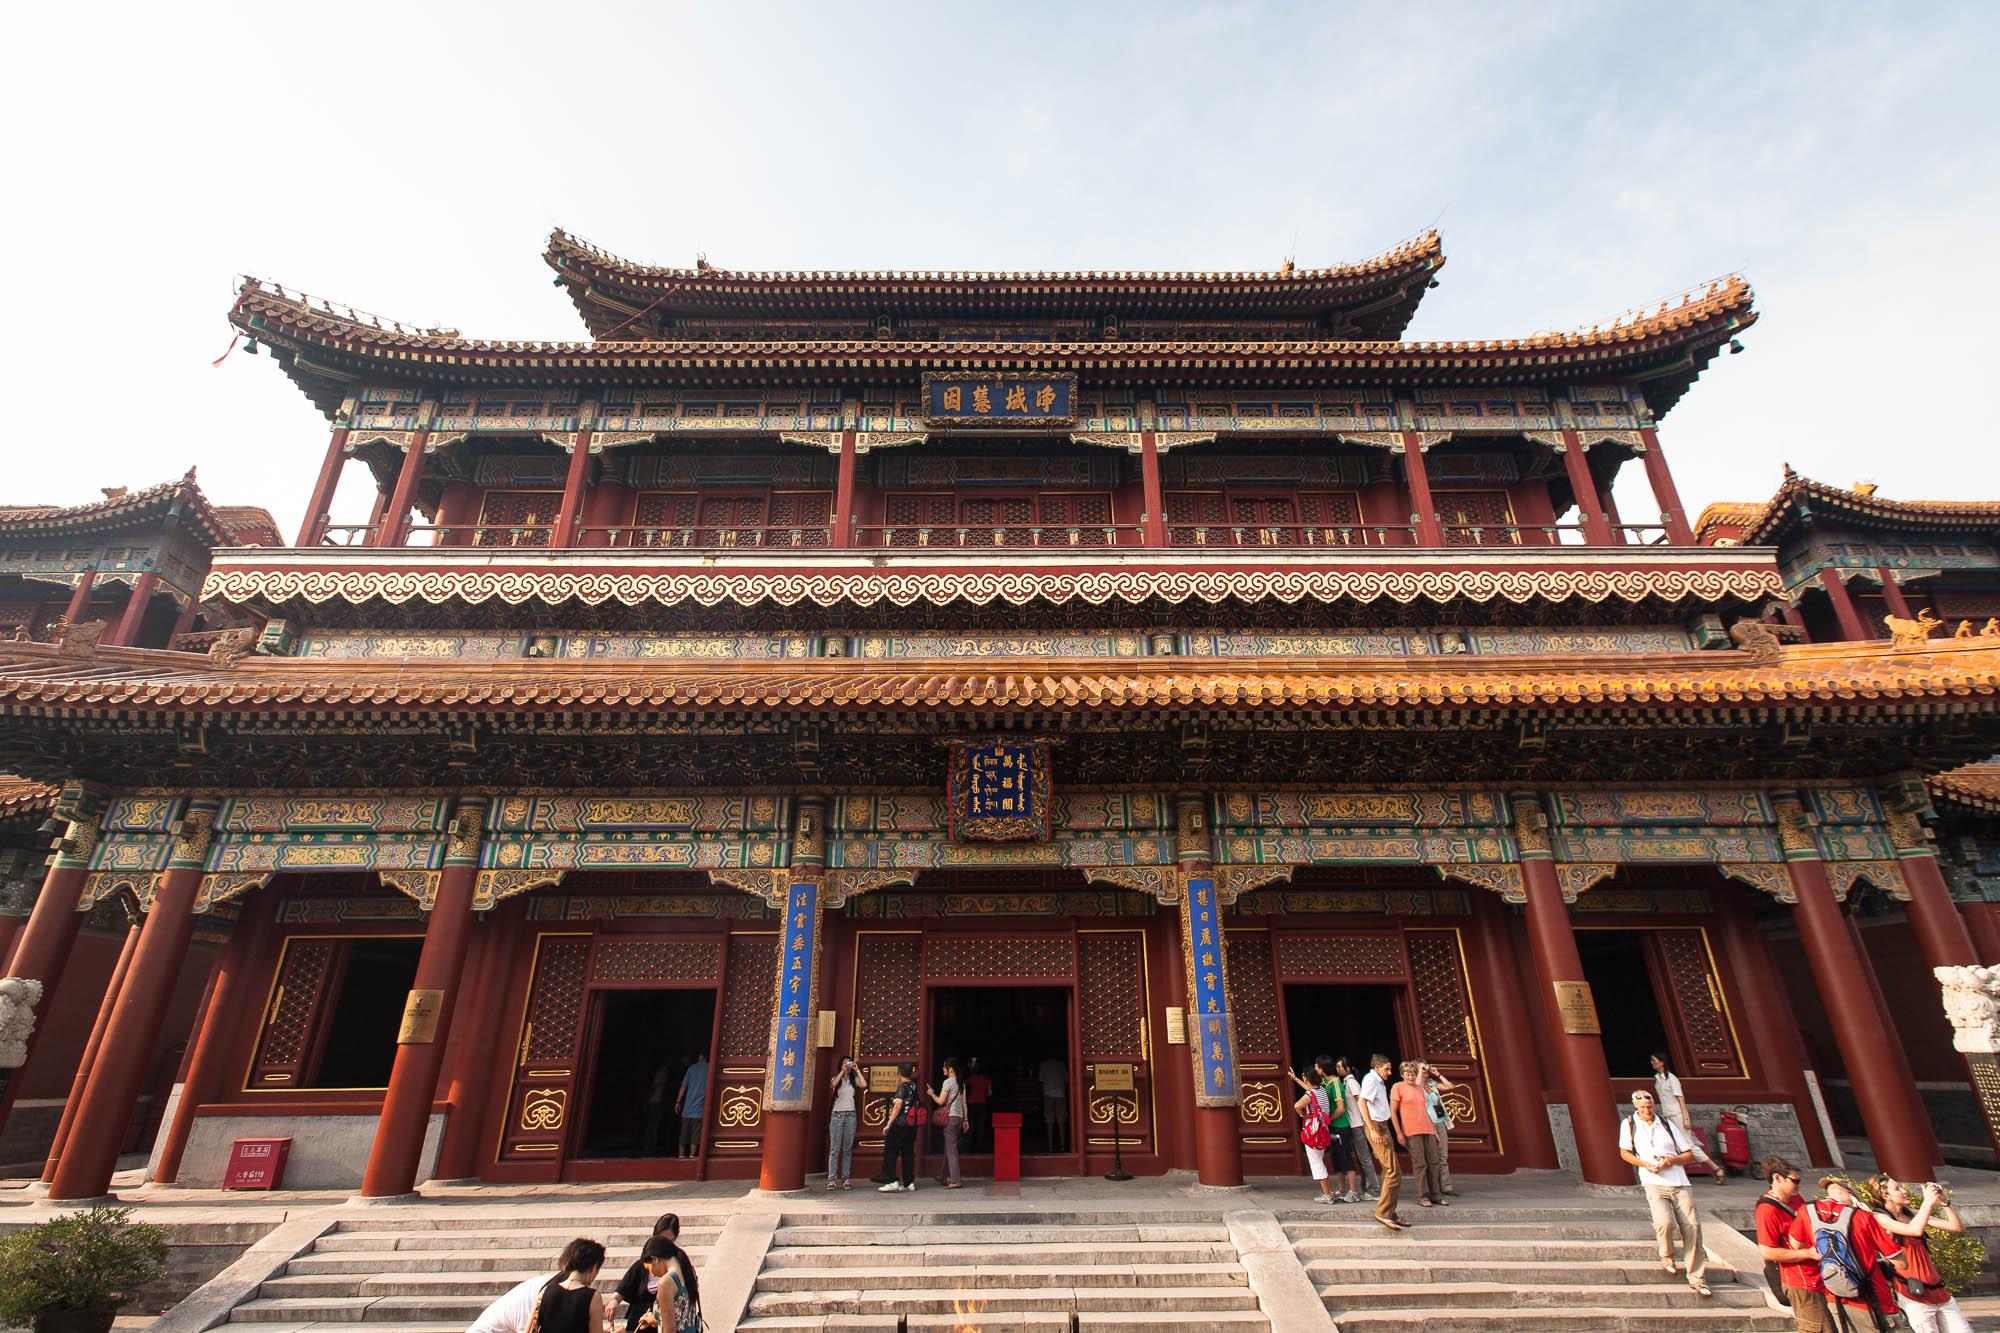 Yonghegong gate